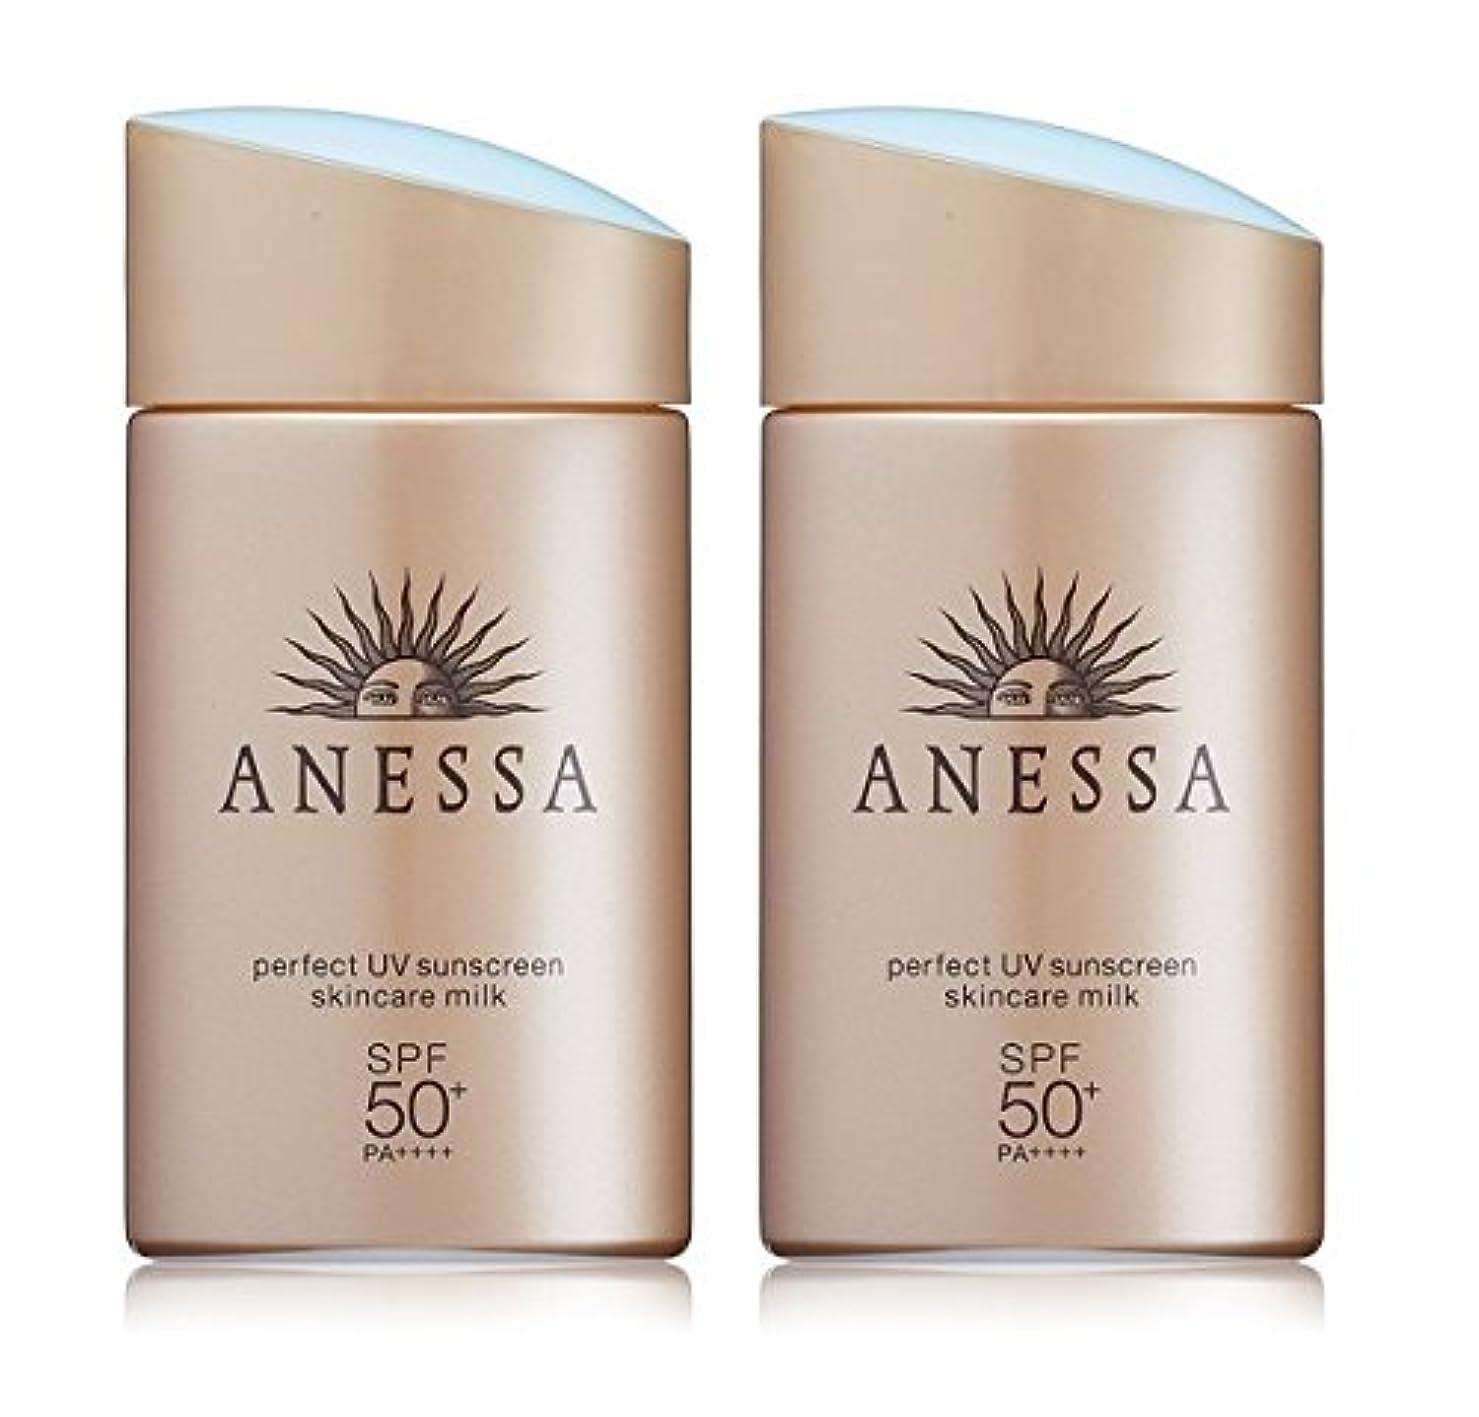 【セット品】 アネッサ パーフェクトUV スキンケアミルク SPF50+/PA++++ 60mL × 2個セット